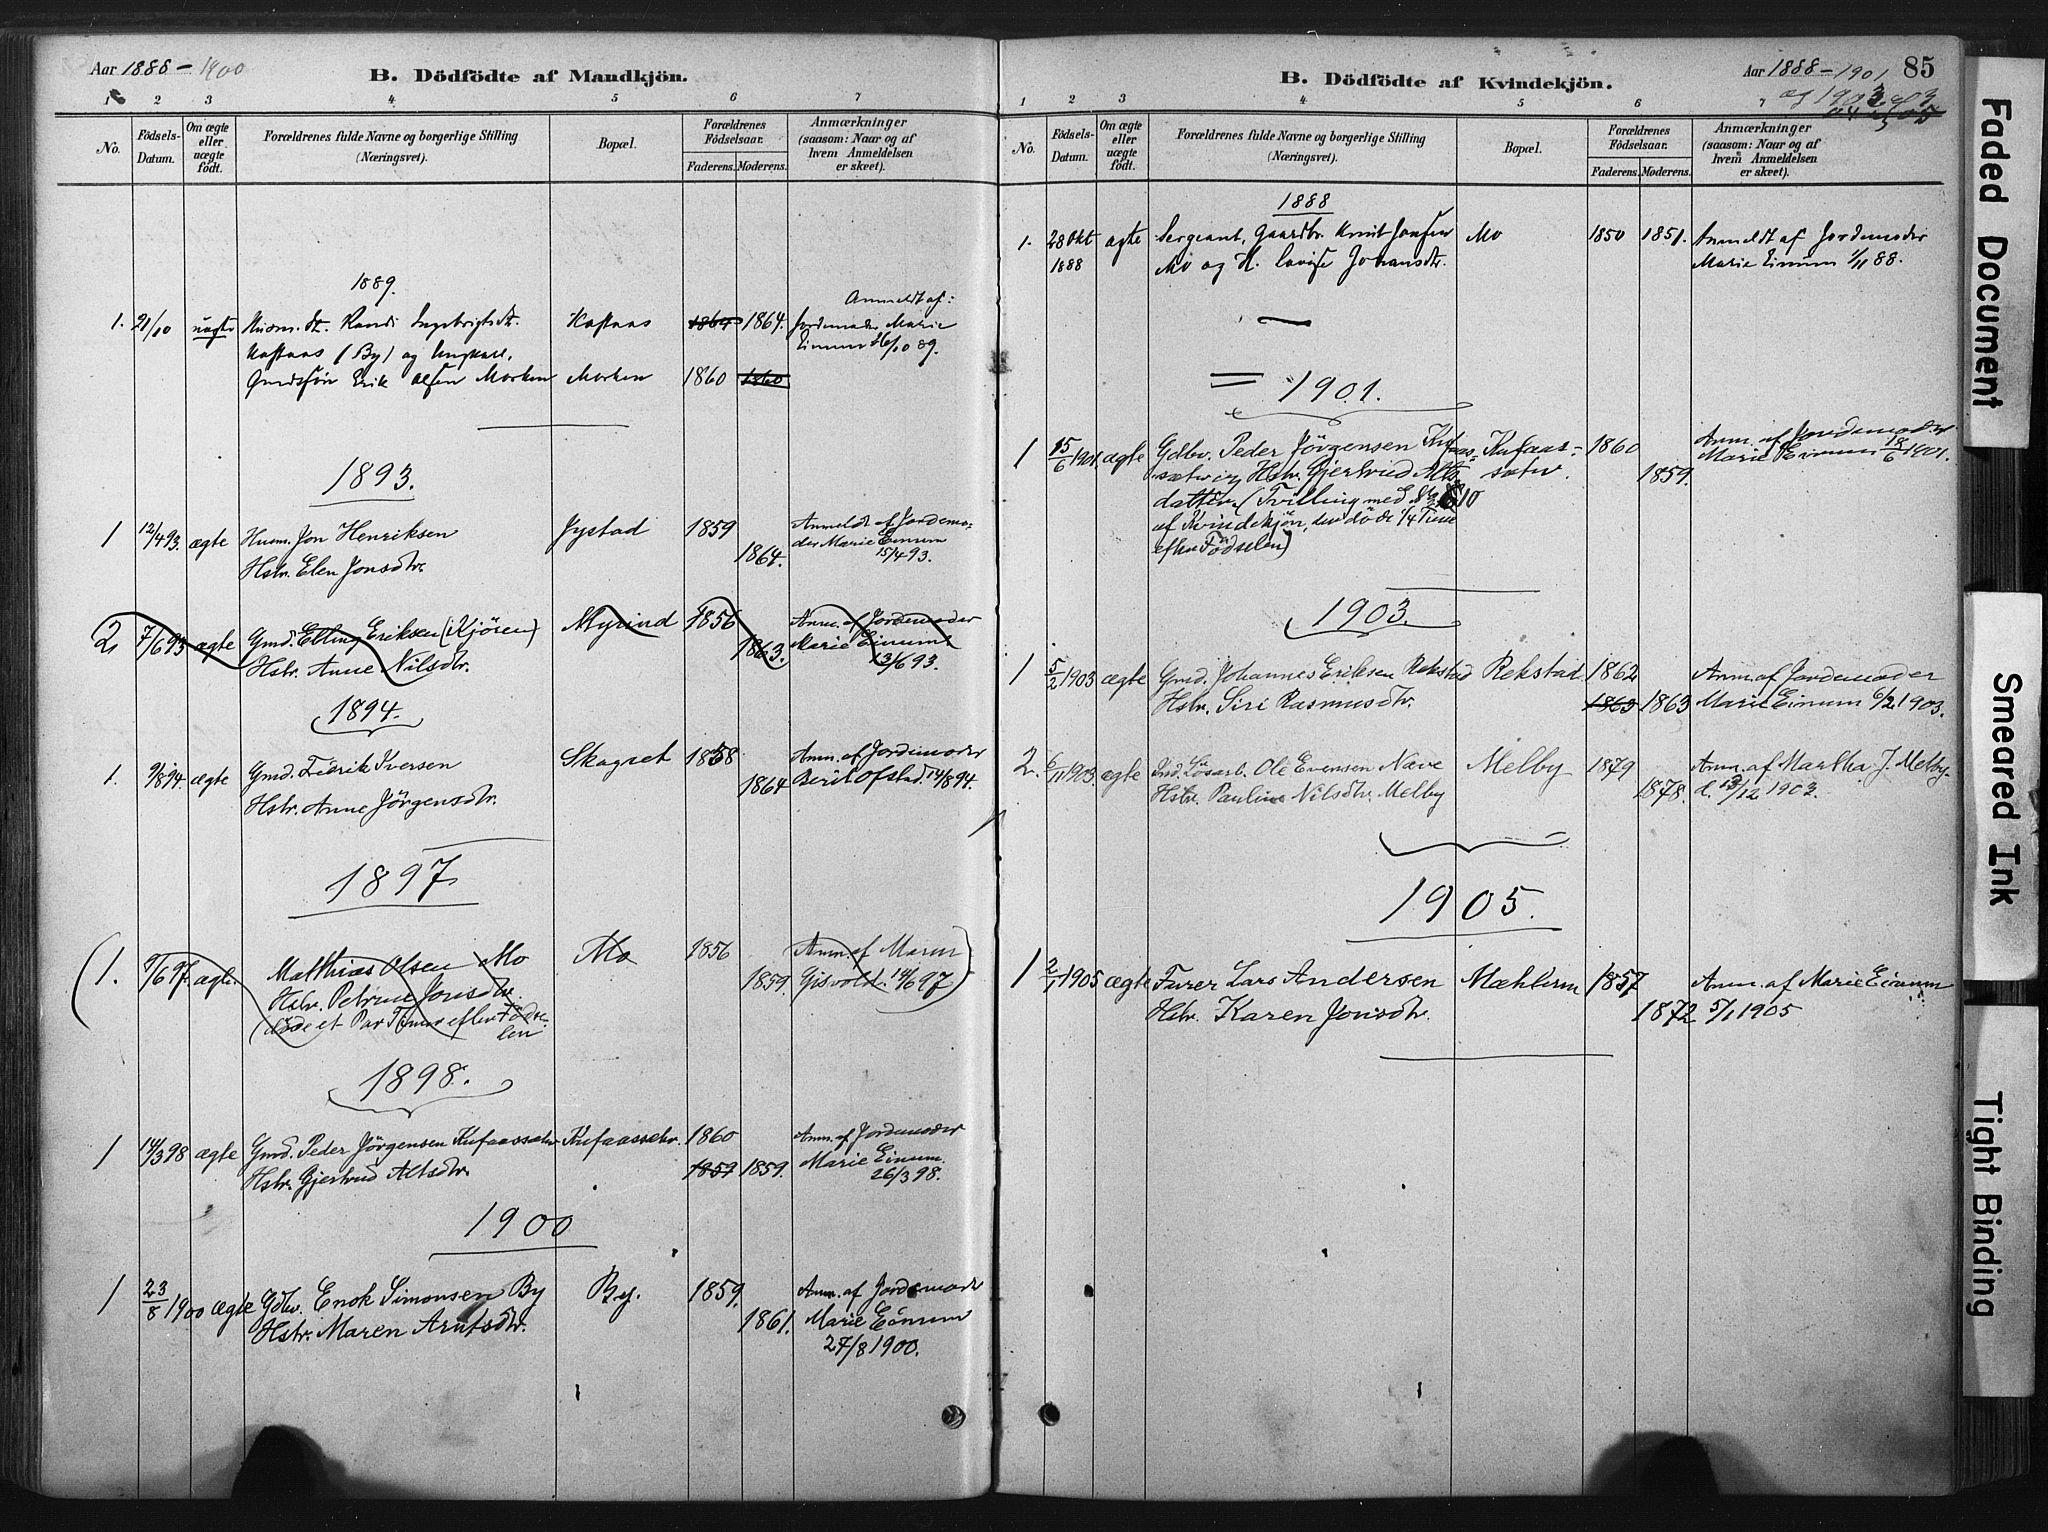 SAT, Ministerialprotokoller, klokkerbøker og fødselsregistre - Sør-Trøndelag, 667/L0795: Ministerialbok nr. 667A03, 1879-1907, s. 85